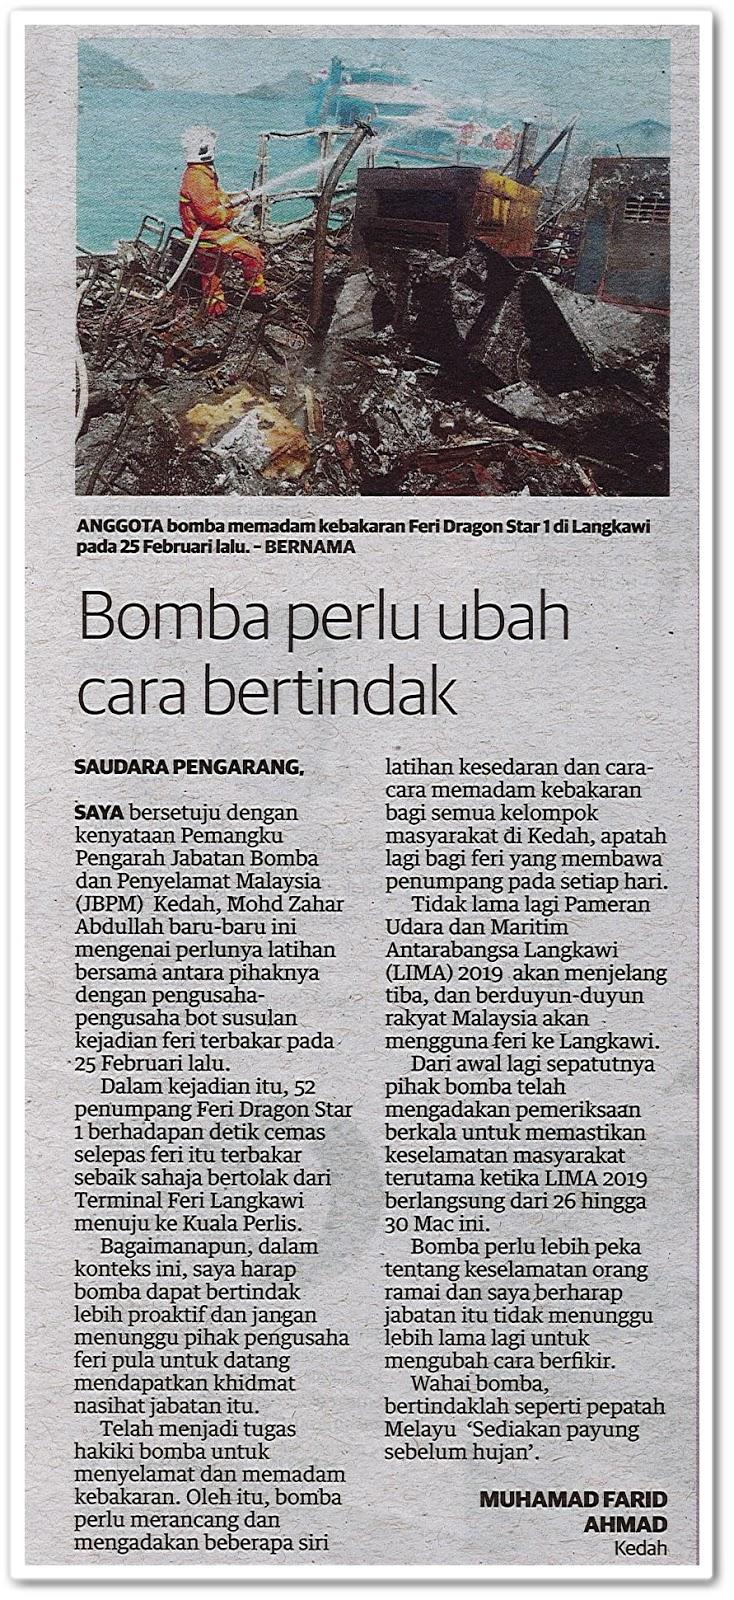 Bomba perlu ubah cara bertindak - Keratan akhbar Utusan Malaysia 4 Mac 2019